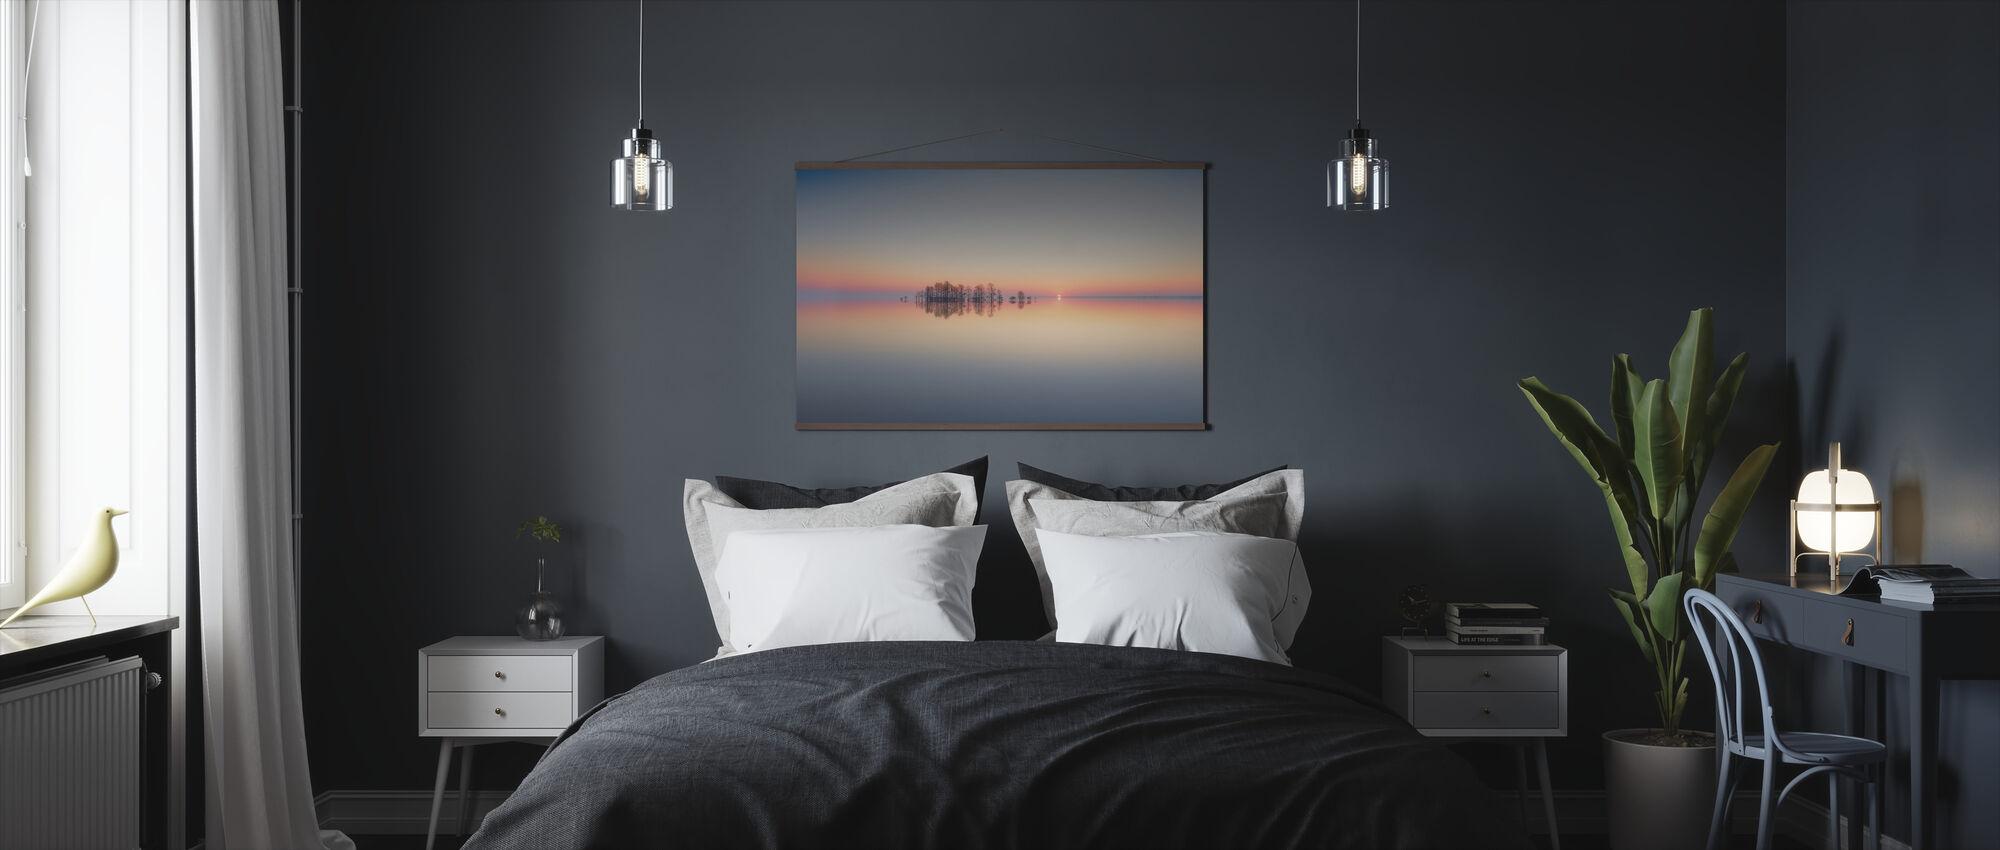 Dawn at Lake Mattamuskeet - Poster - Bedroom